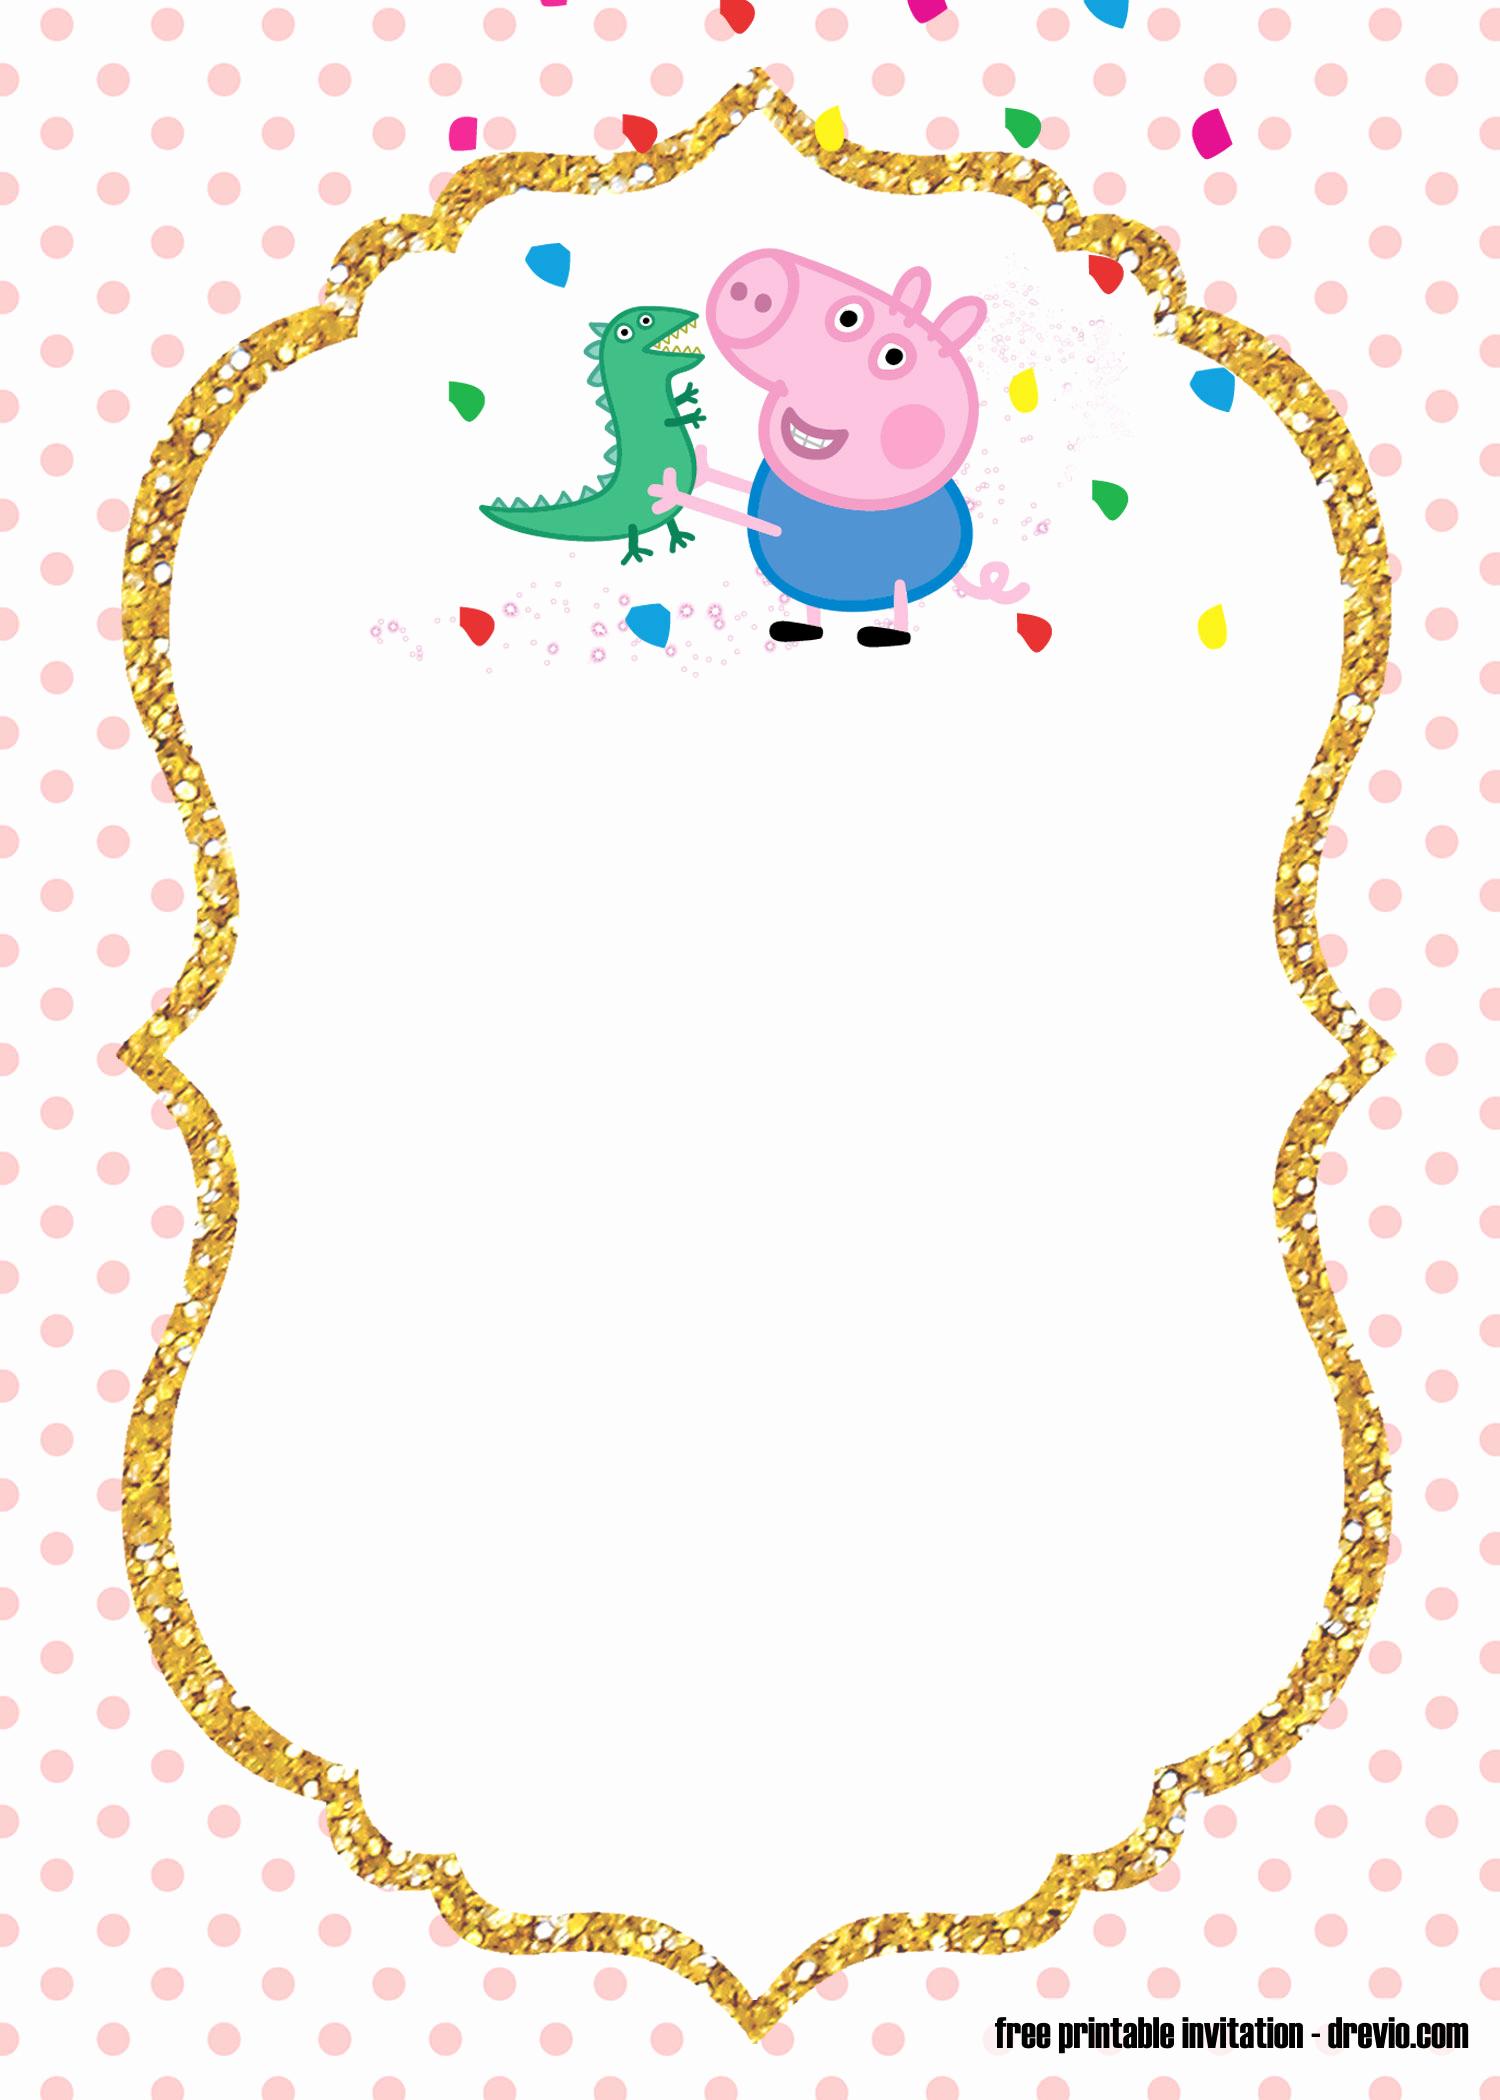 Peppa Pig Invitation Template Free Luxury Free Printable Peppa Pig Invitation Template Free